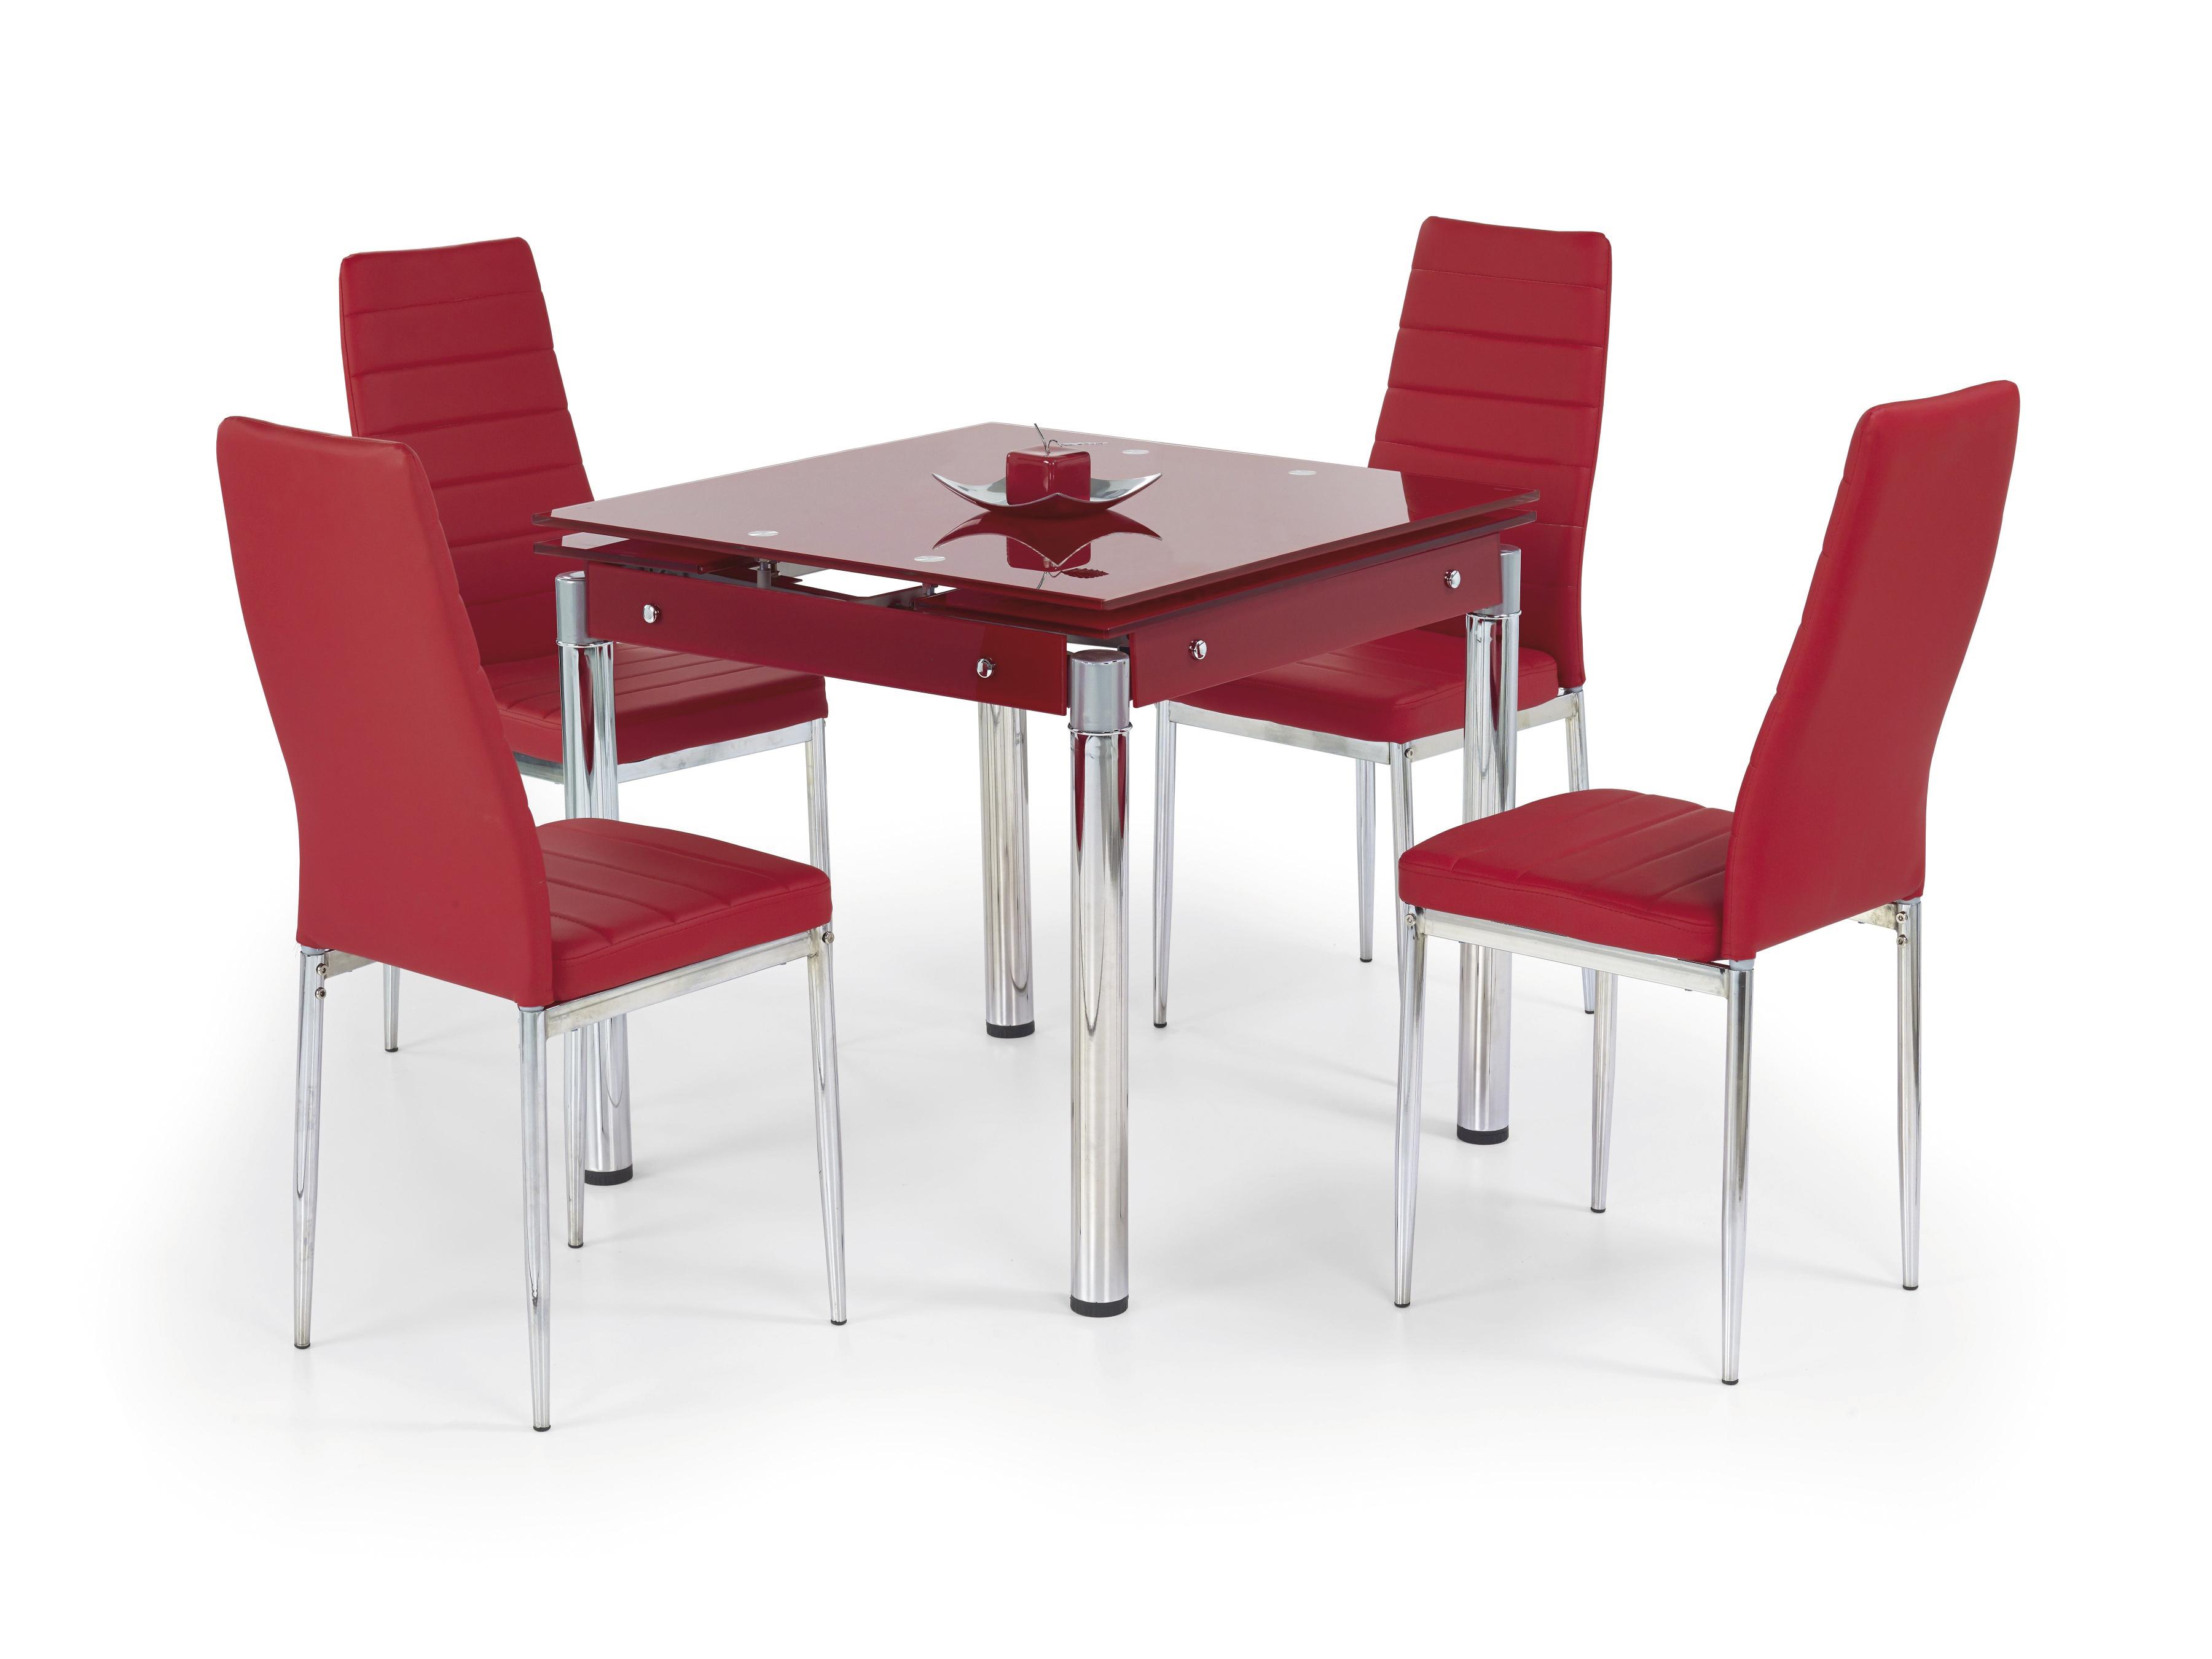 Jídelní stůl - Halmar - Kent červená (pro 4 osoby)